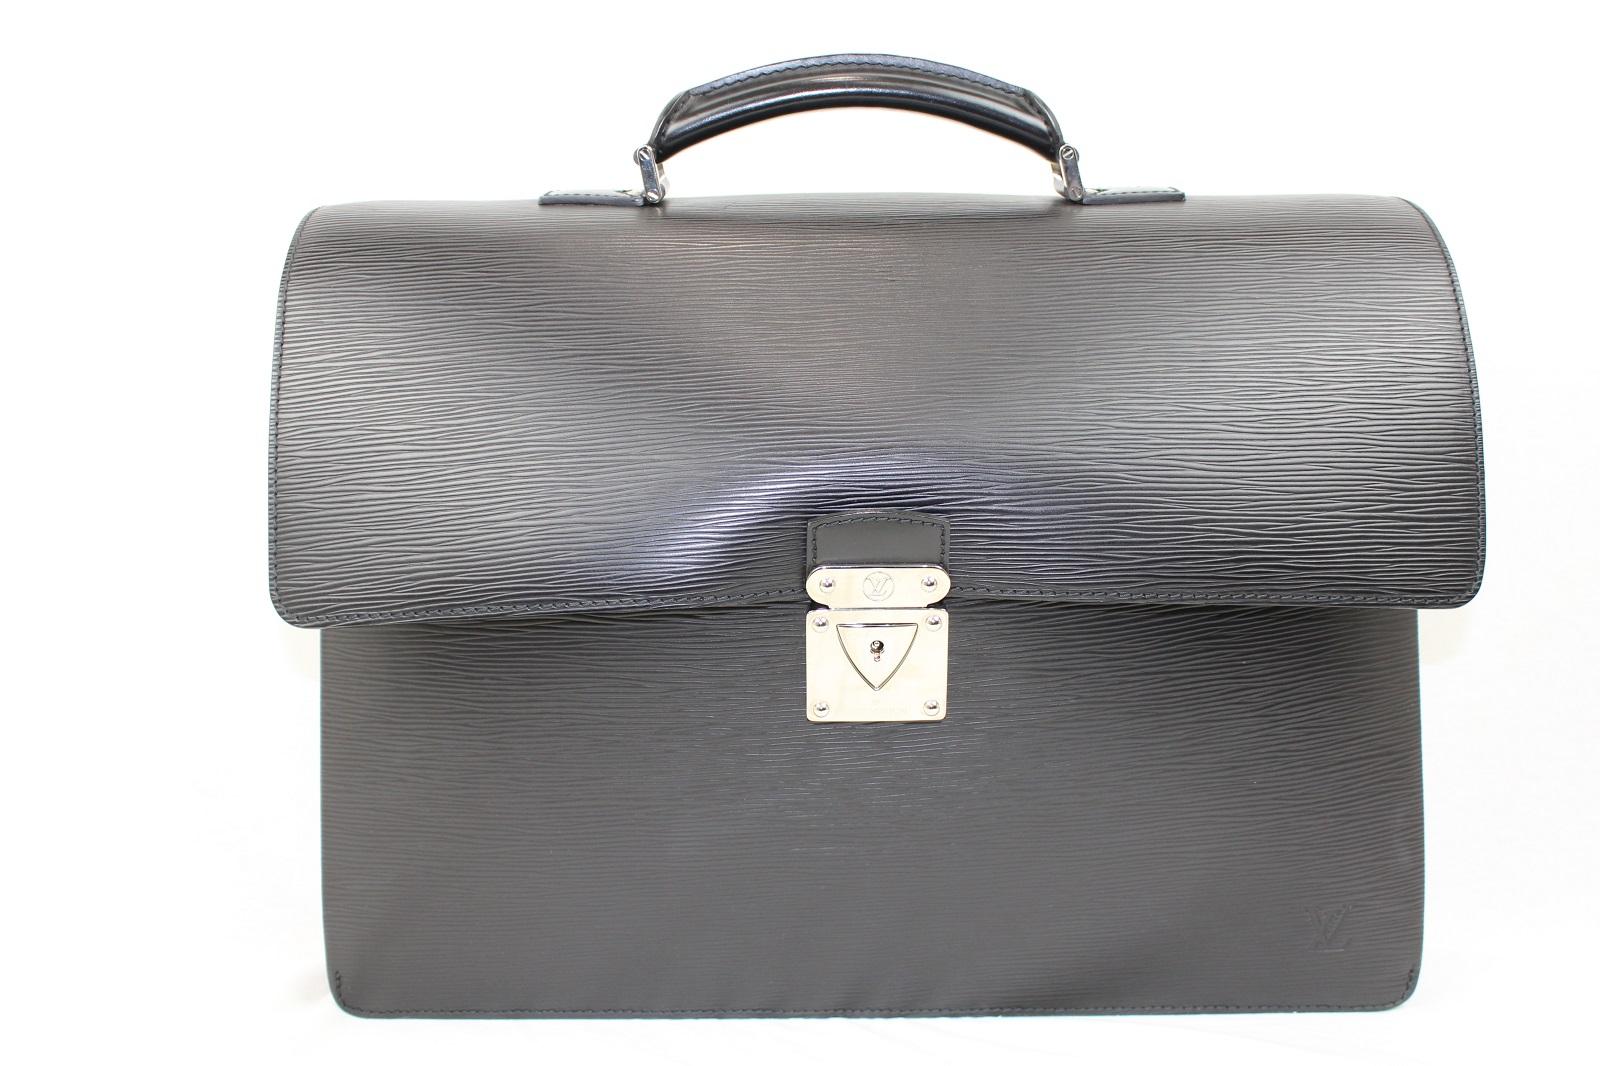 LOUIS VUITTON M54542 ロブスト2 エピ ノワール ブラック 黒 メンズ 男性 ビジネスバッグ ブリーフケース 書類ケース 大きい 鞄 カバン スーツ 仕事【中古】